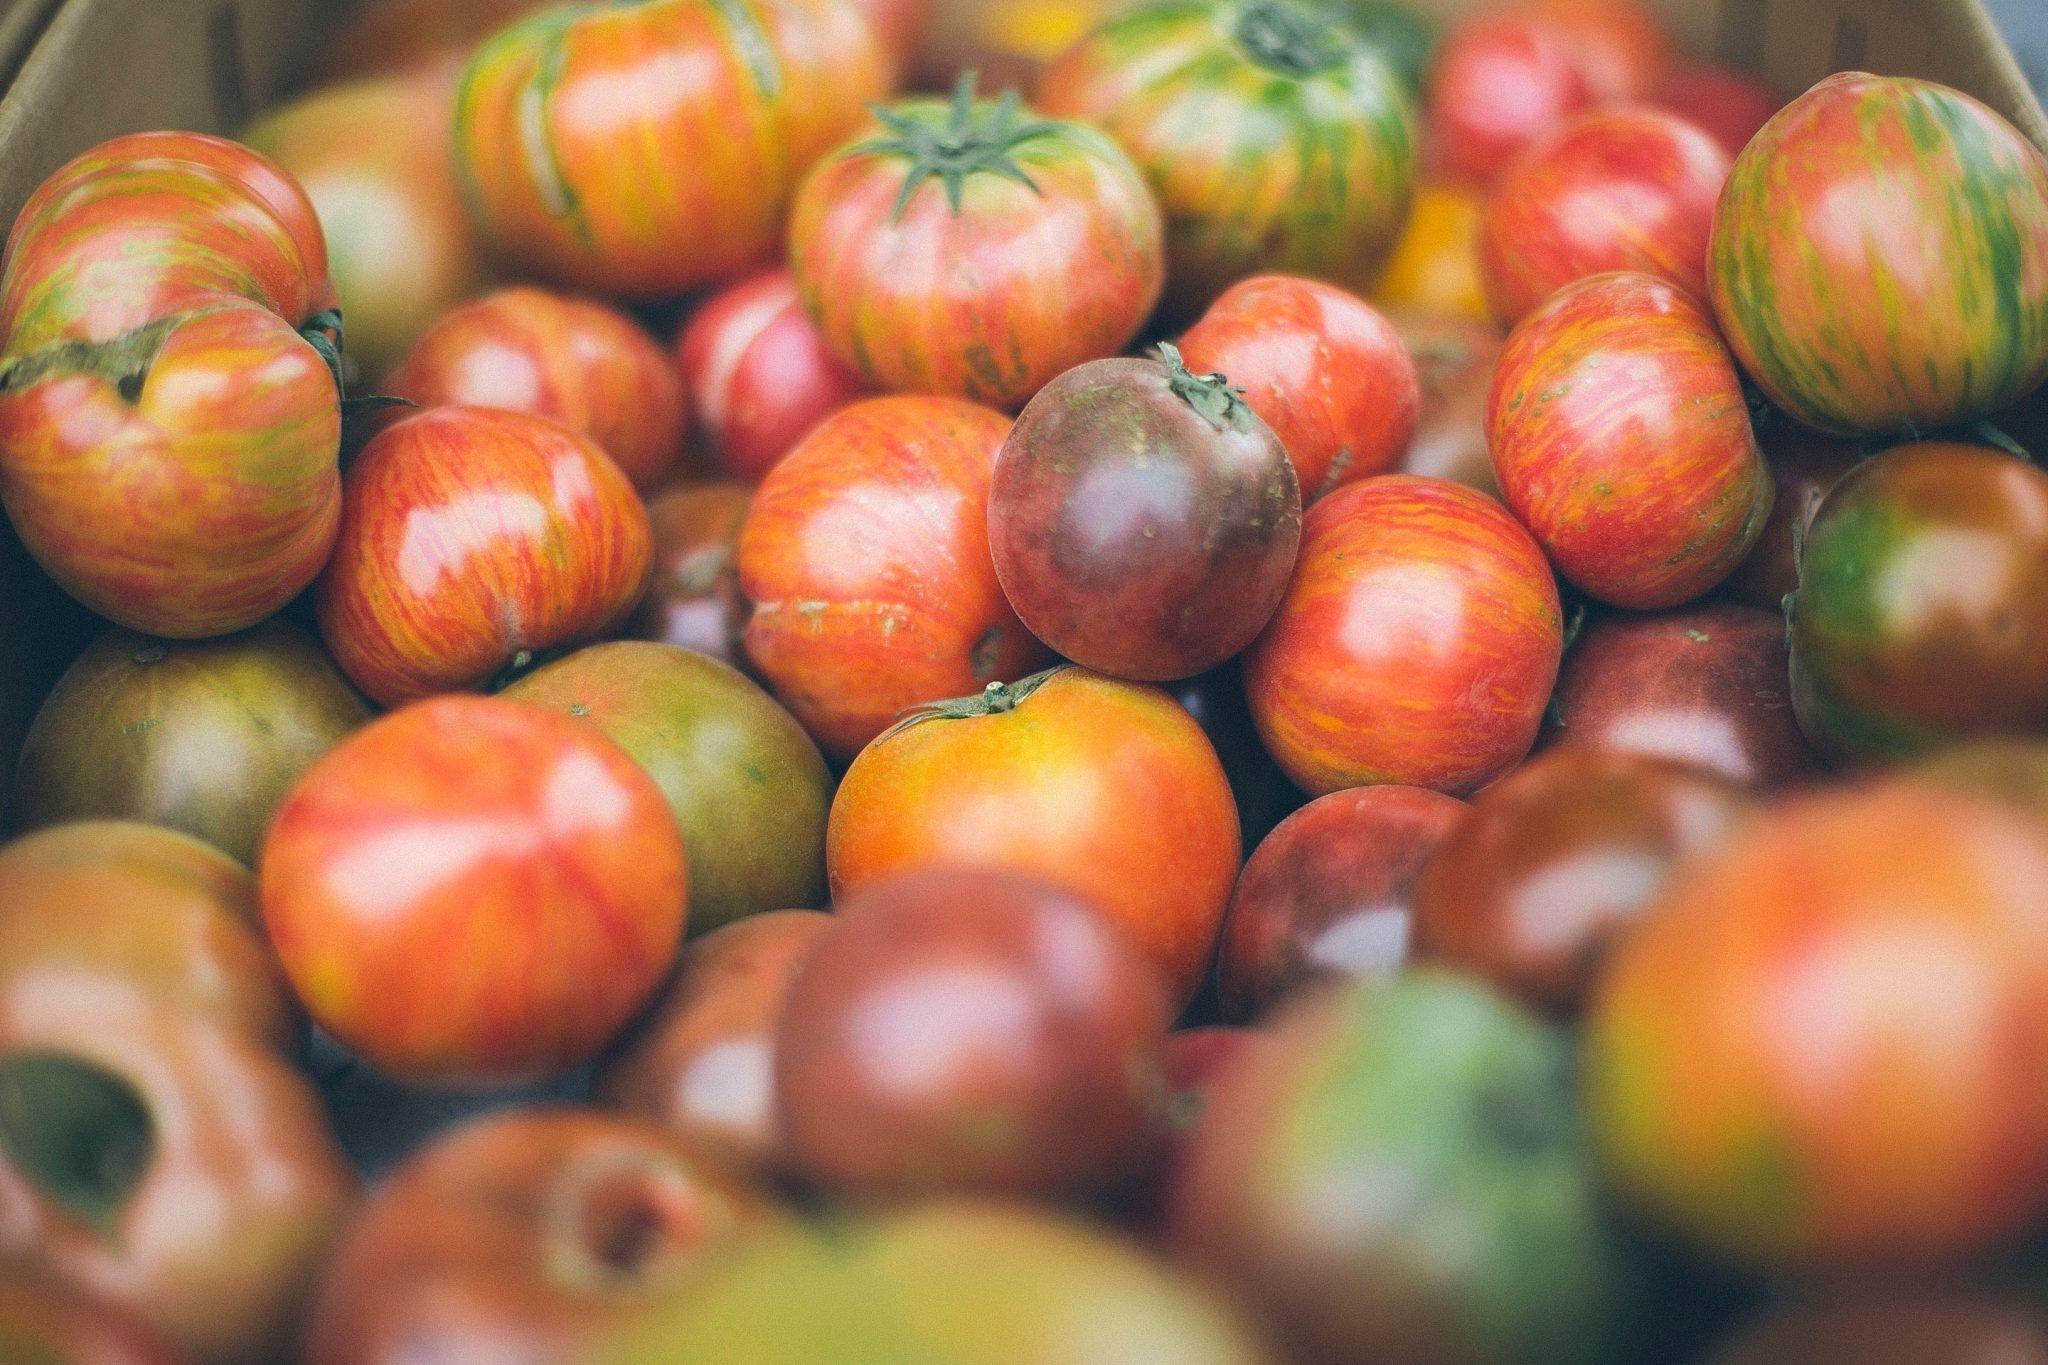 La blockchain dans l industrie agroalimentaire   une révolution en marche 8fa2e3daad36